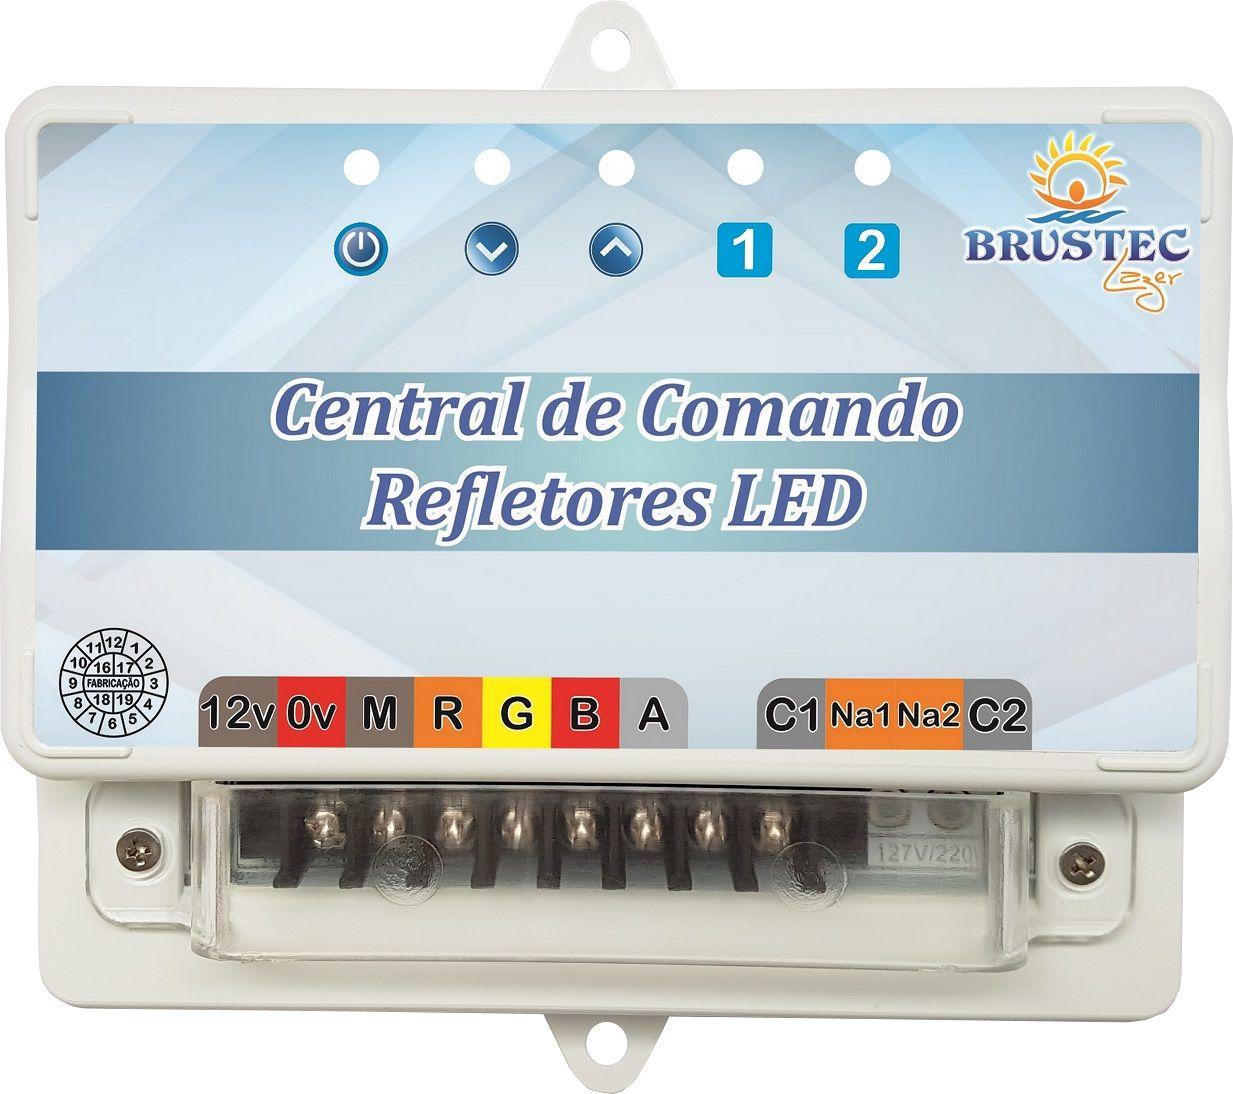 Central de Comando RGB Luxo Rítmica com Auxiliar Brustec